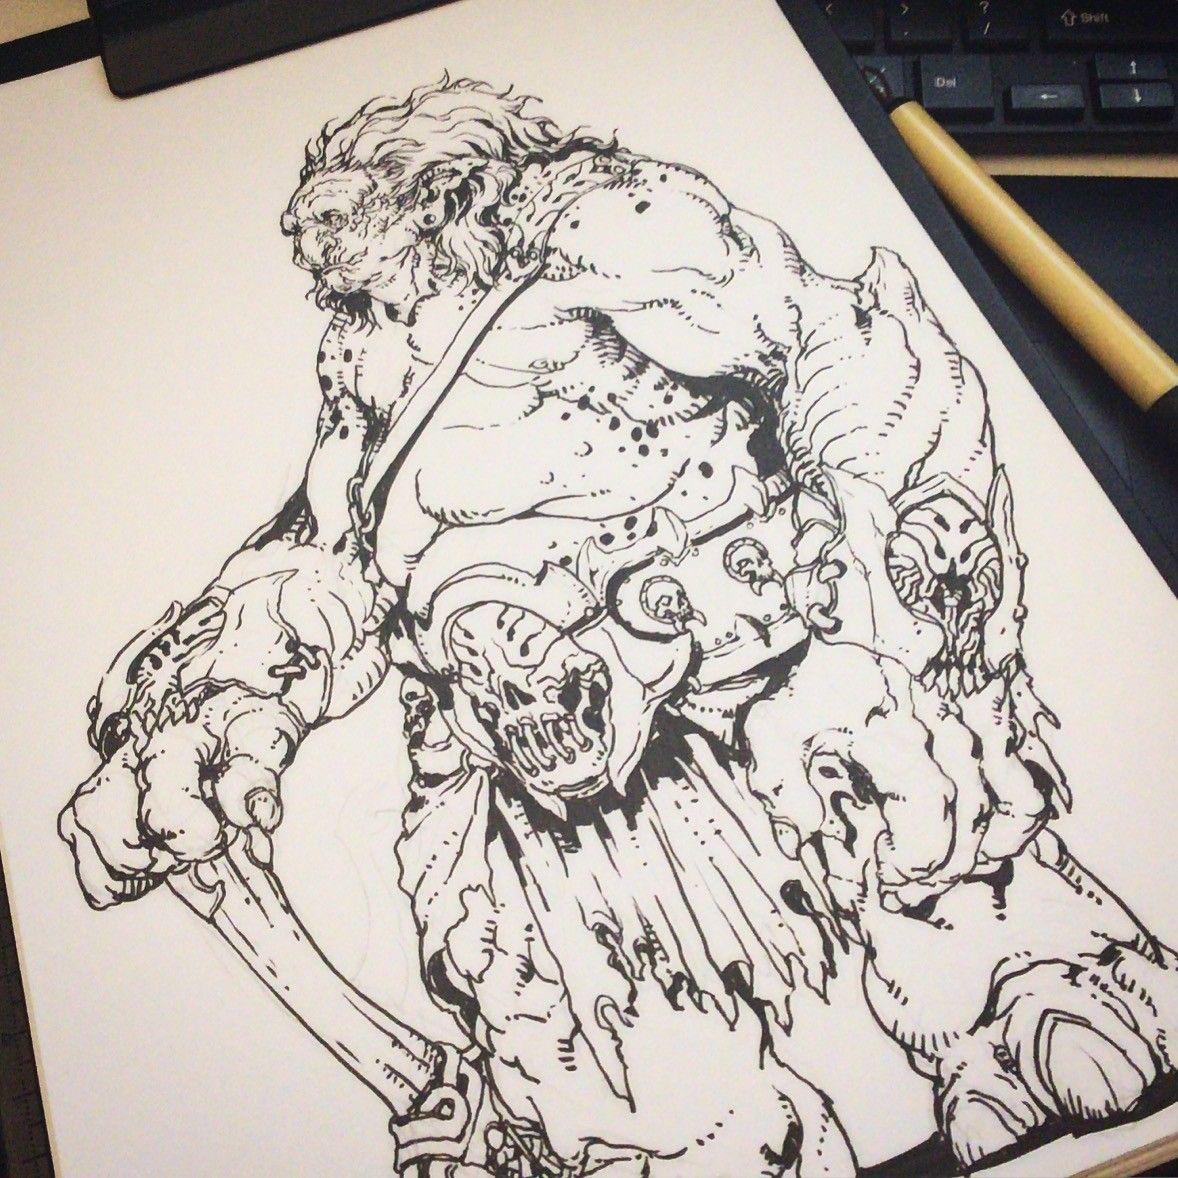 Brushes For Character Design : Artstation stato fantasy characters brush pen